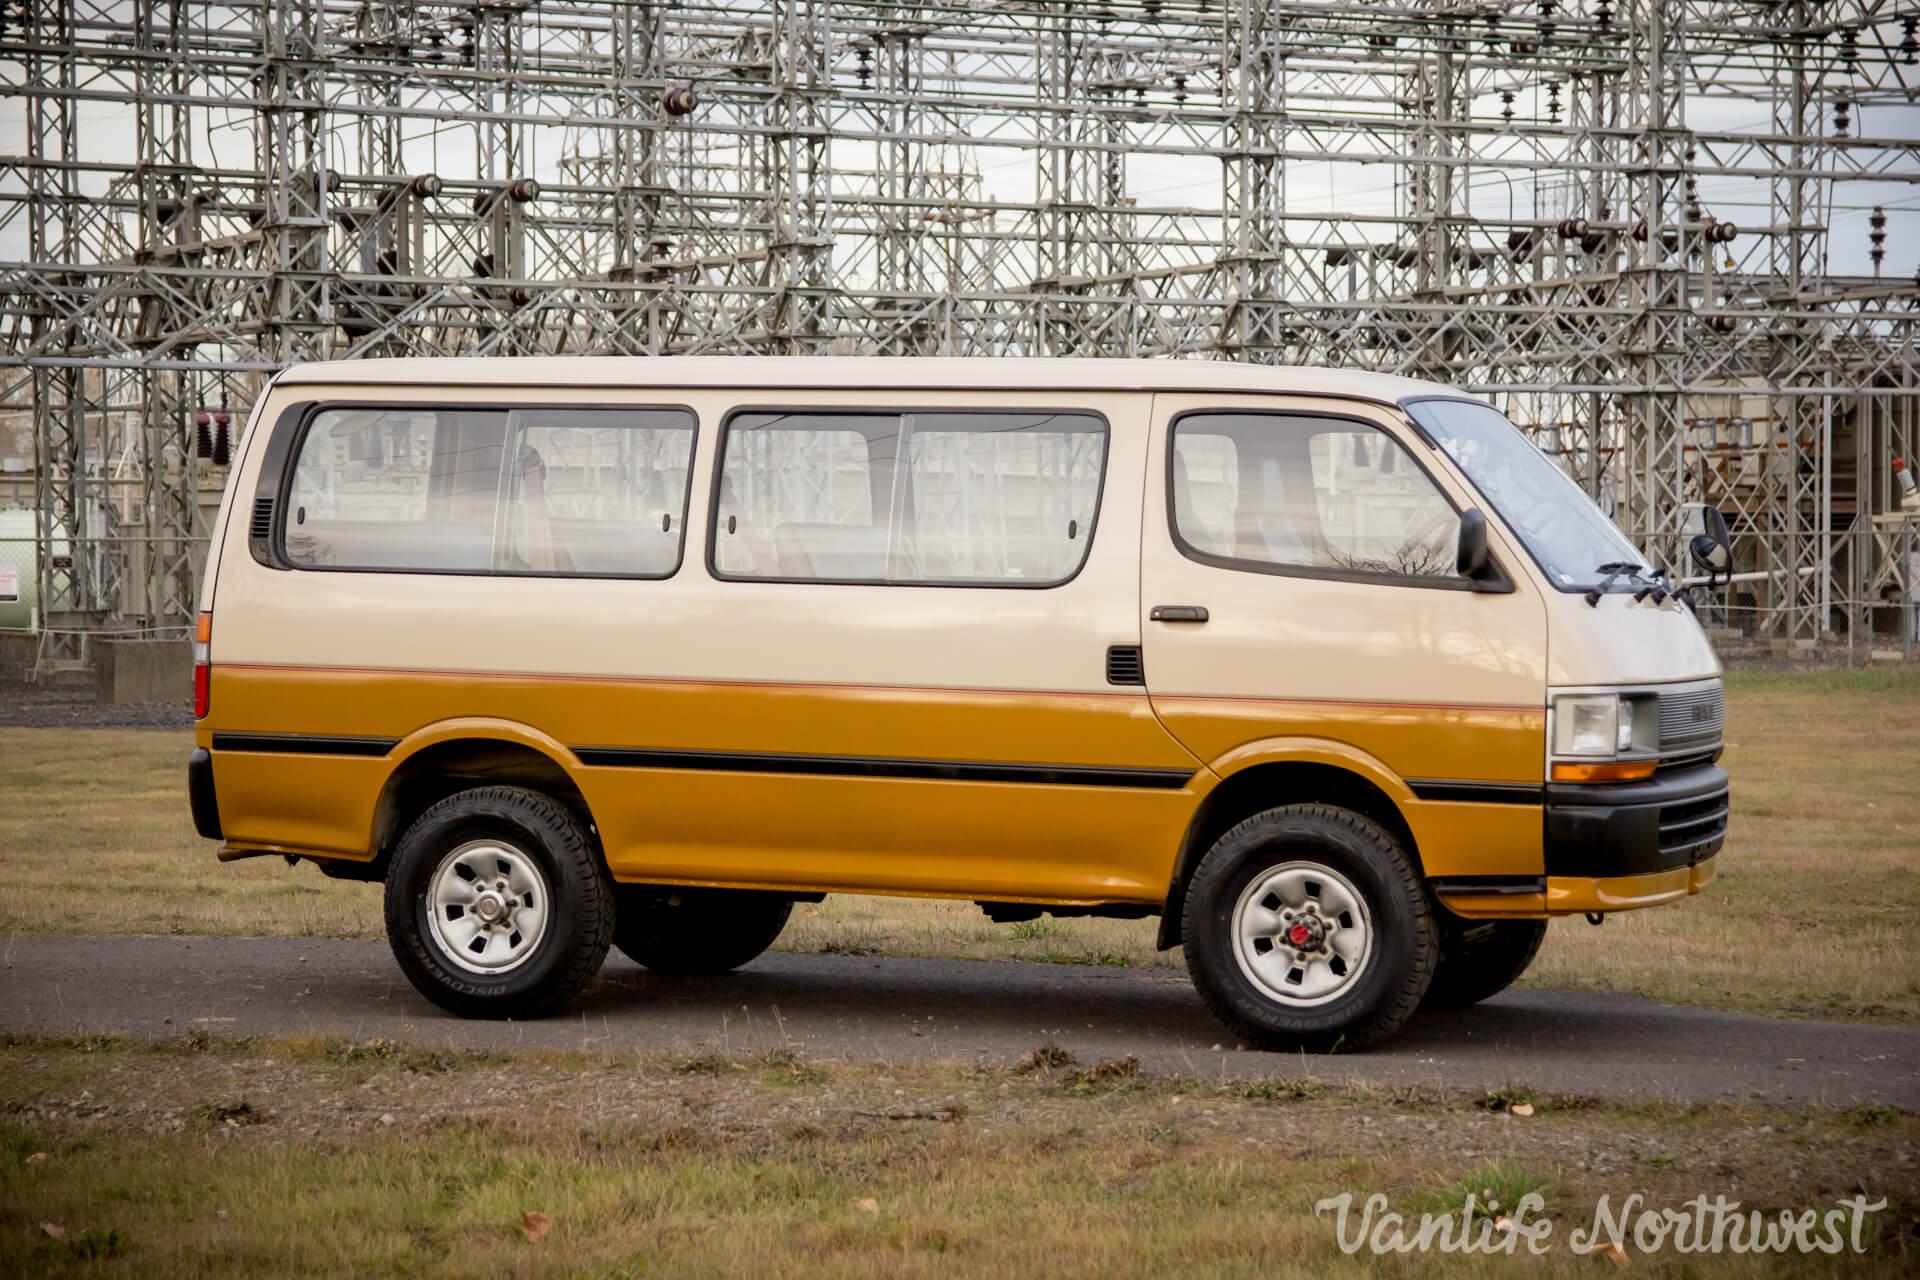 ToyotaHiaceLH117Aric-26.jpg